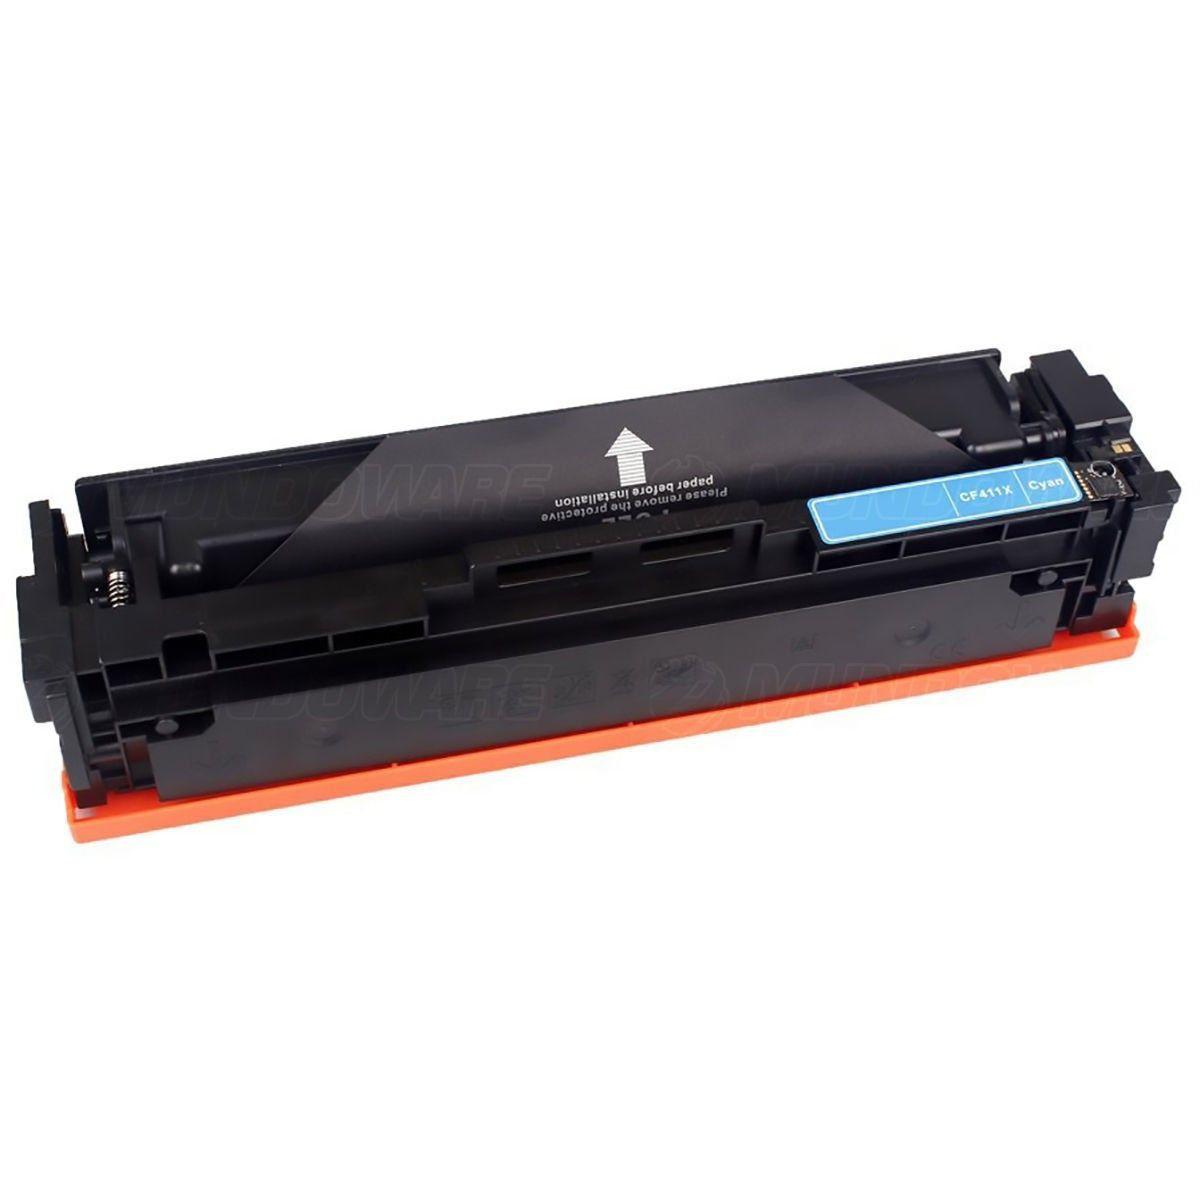 Compatível: Toner CF411X 411X para Impressora HP M477 M452 M477fdw M452dn M477fdn M452dw / Ciano / 5.000